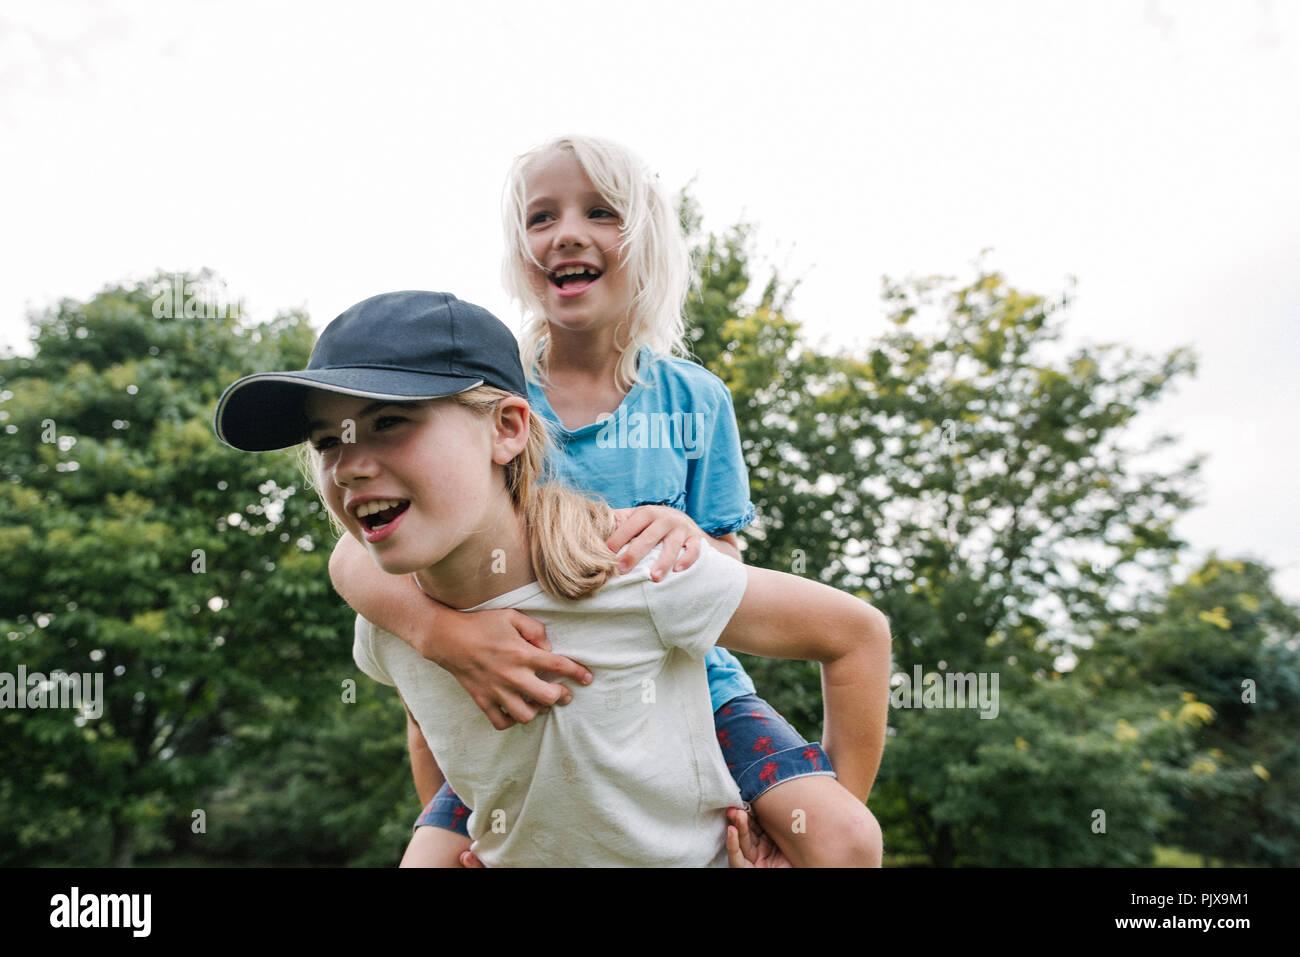 Bambini che giocano sovrapponibile in posizione di parcheggio Immagini Stock